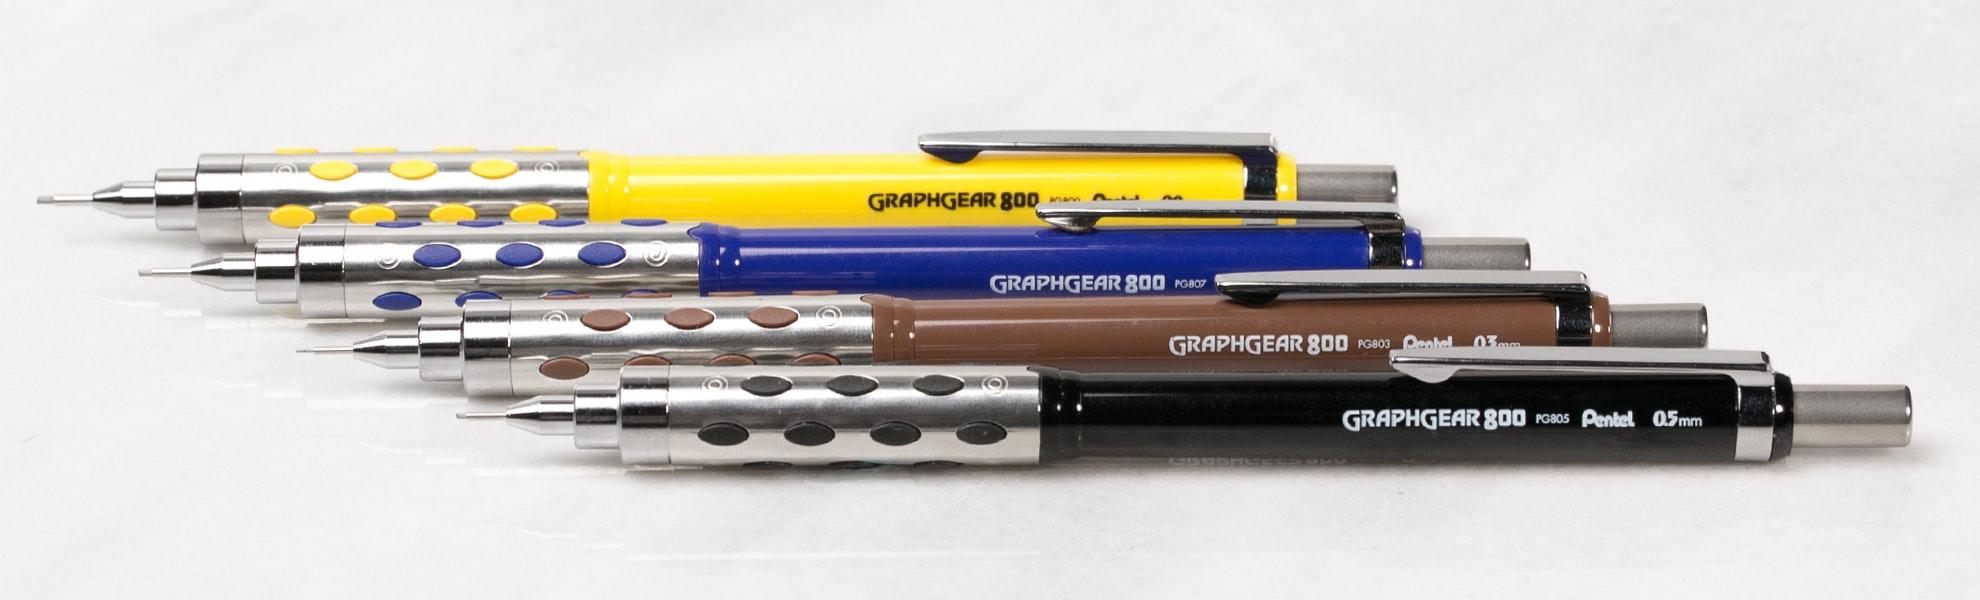 Pentel GraphGear 800 Drafting Pencil (4-Pack)